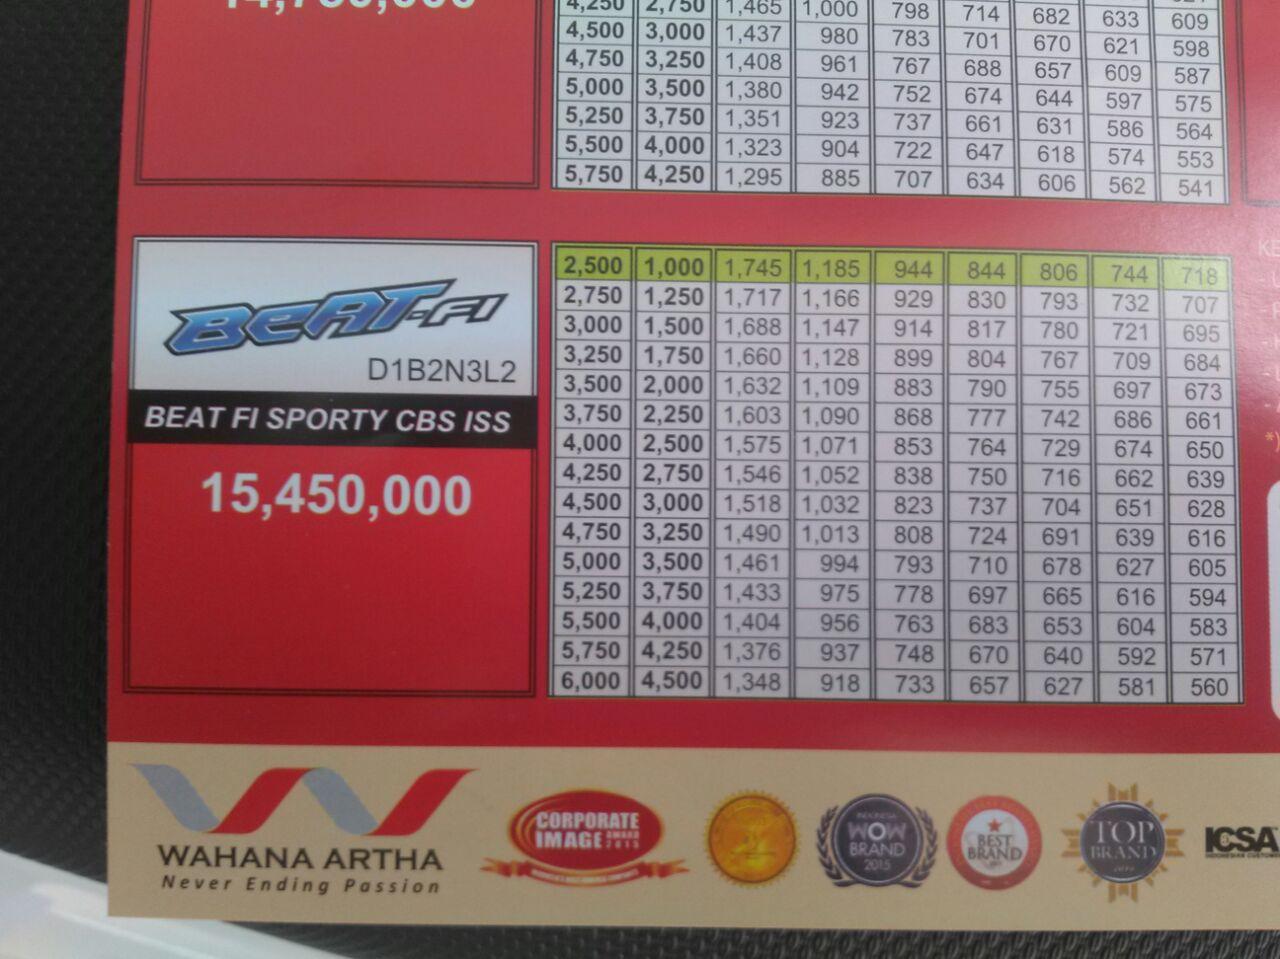 Harga New Vario 110 Esp Cbs Iss Grande White Yogyakarta